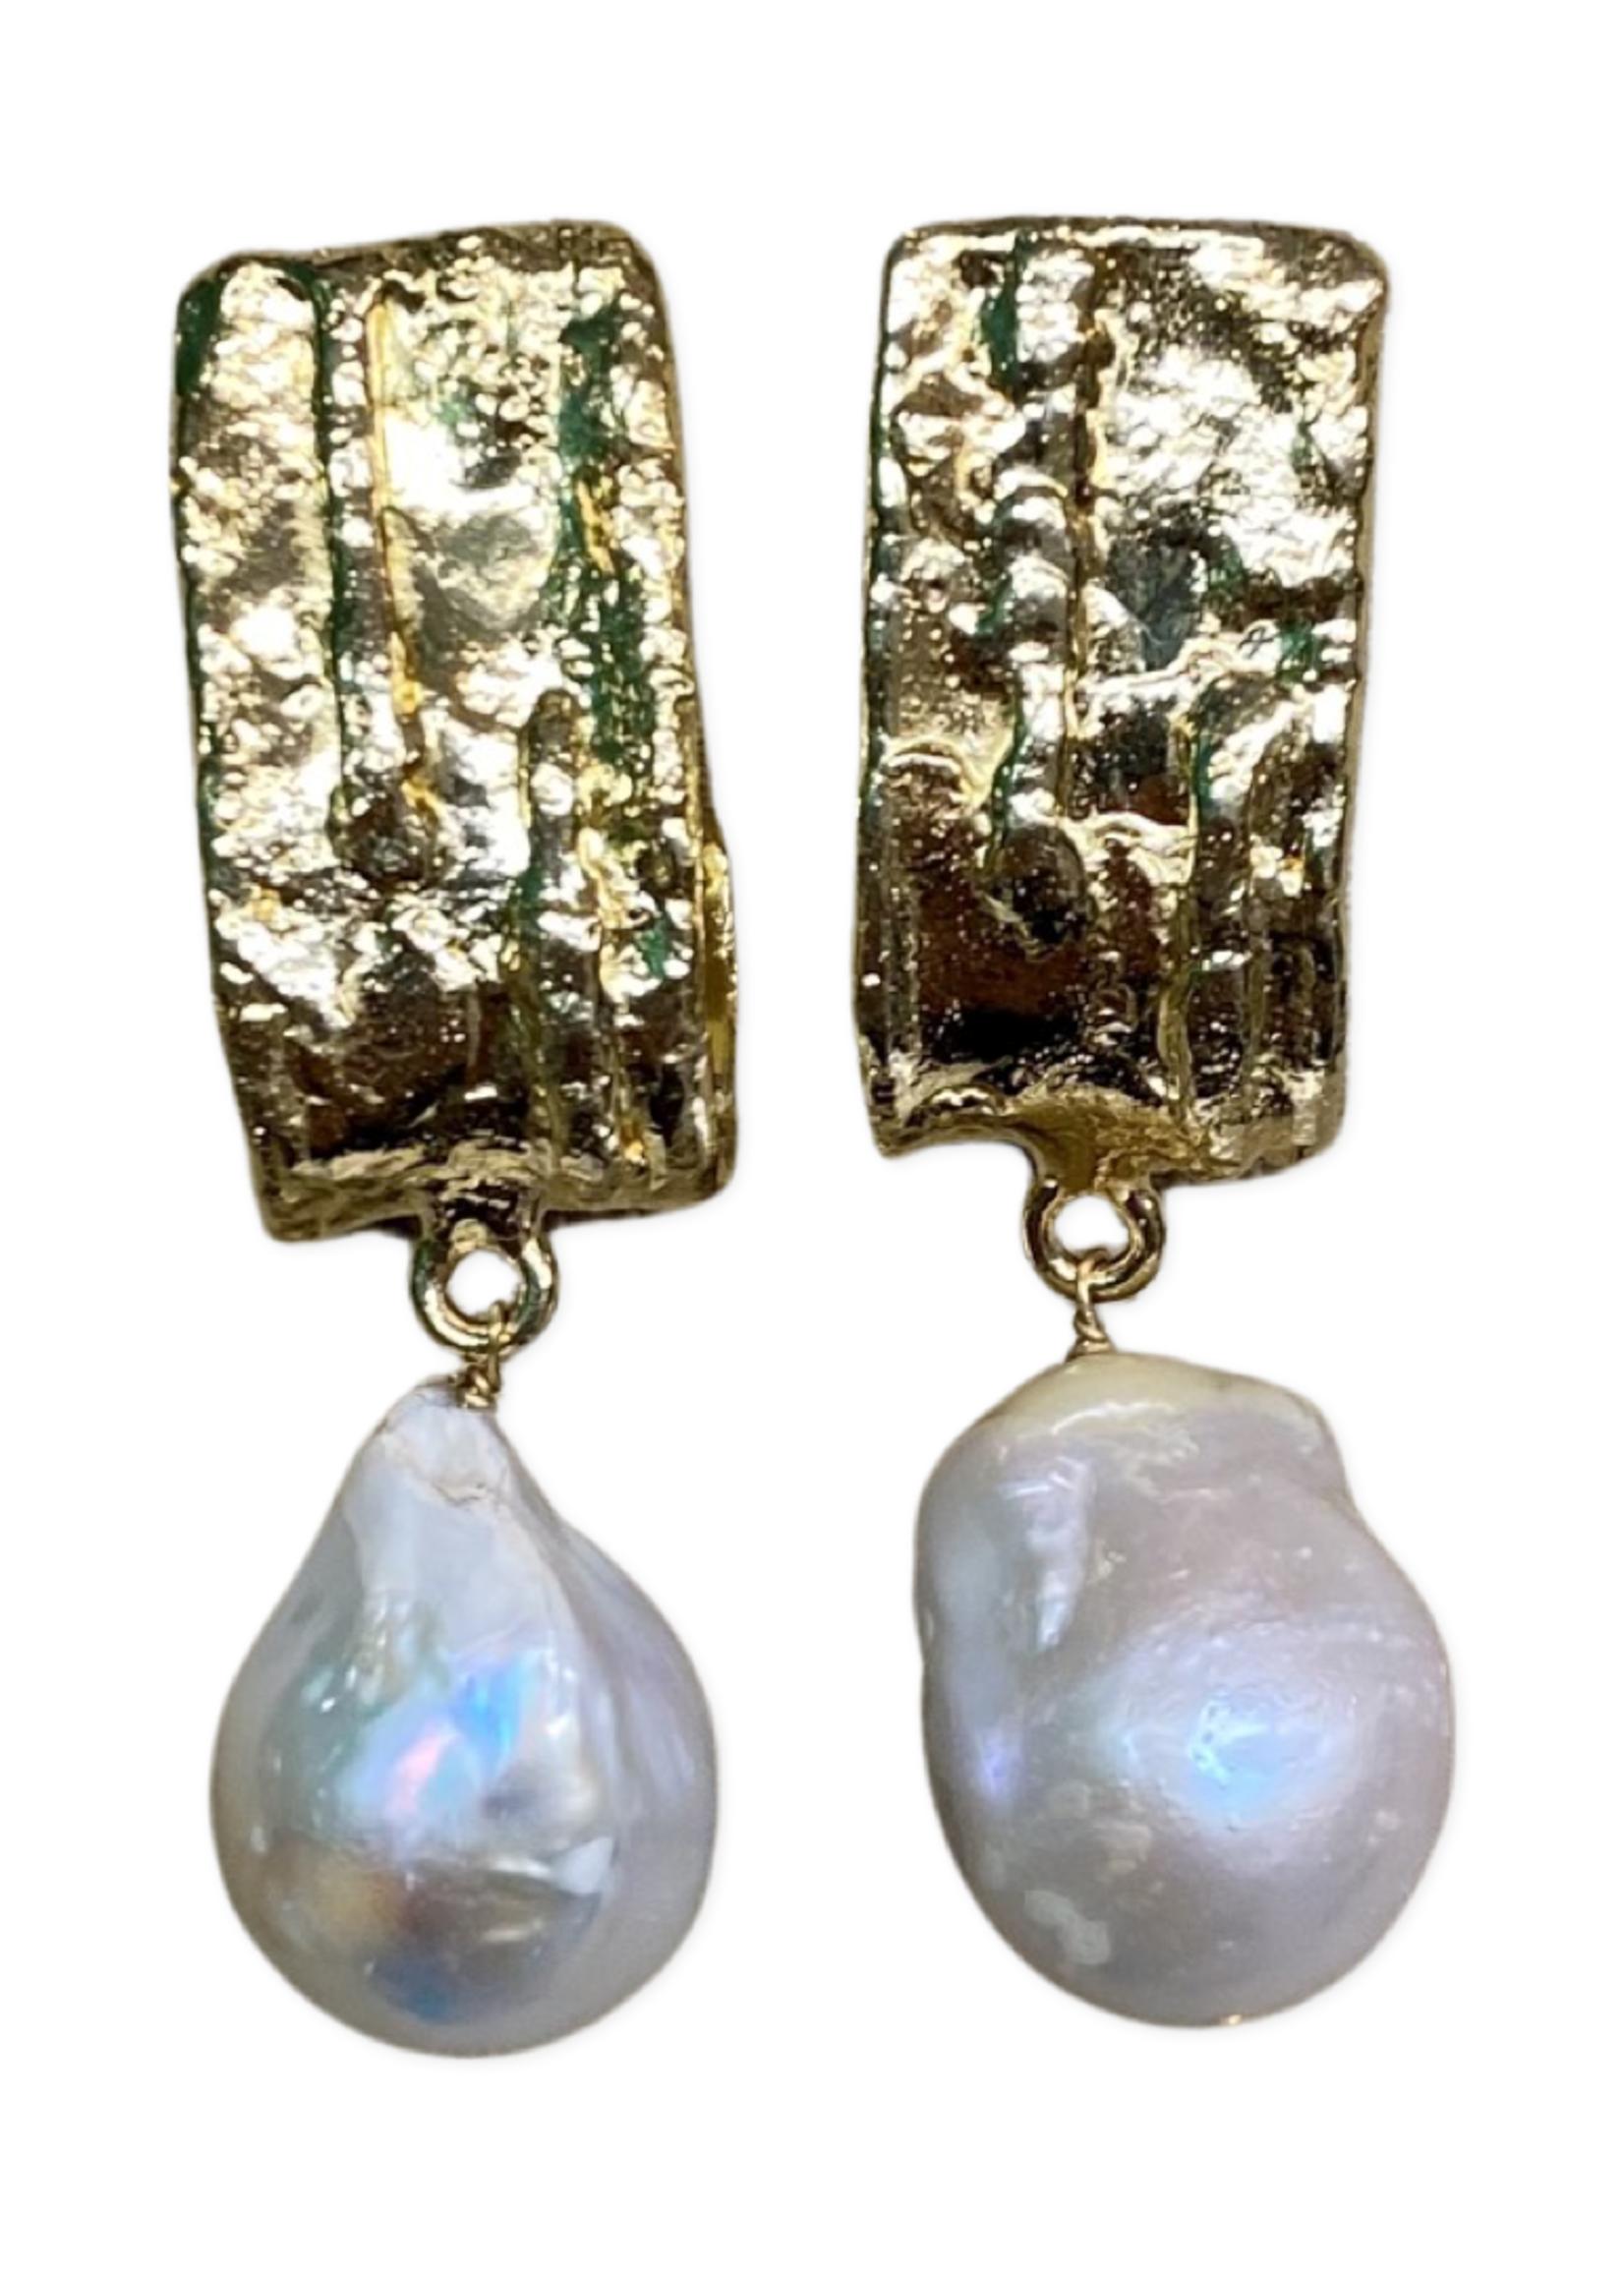 David Jeffery Earrings Brass w Baroque Pearls